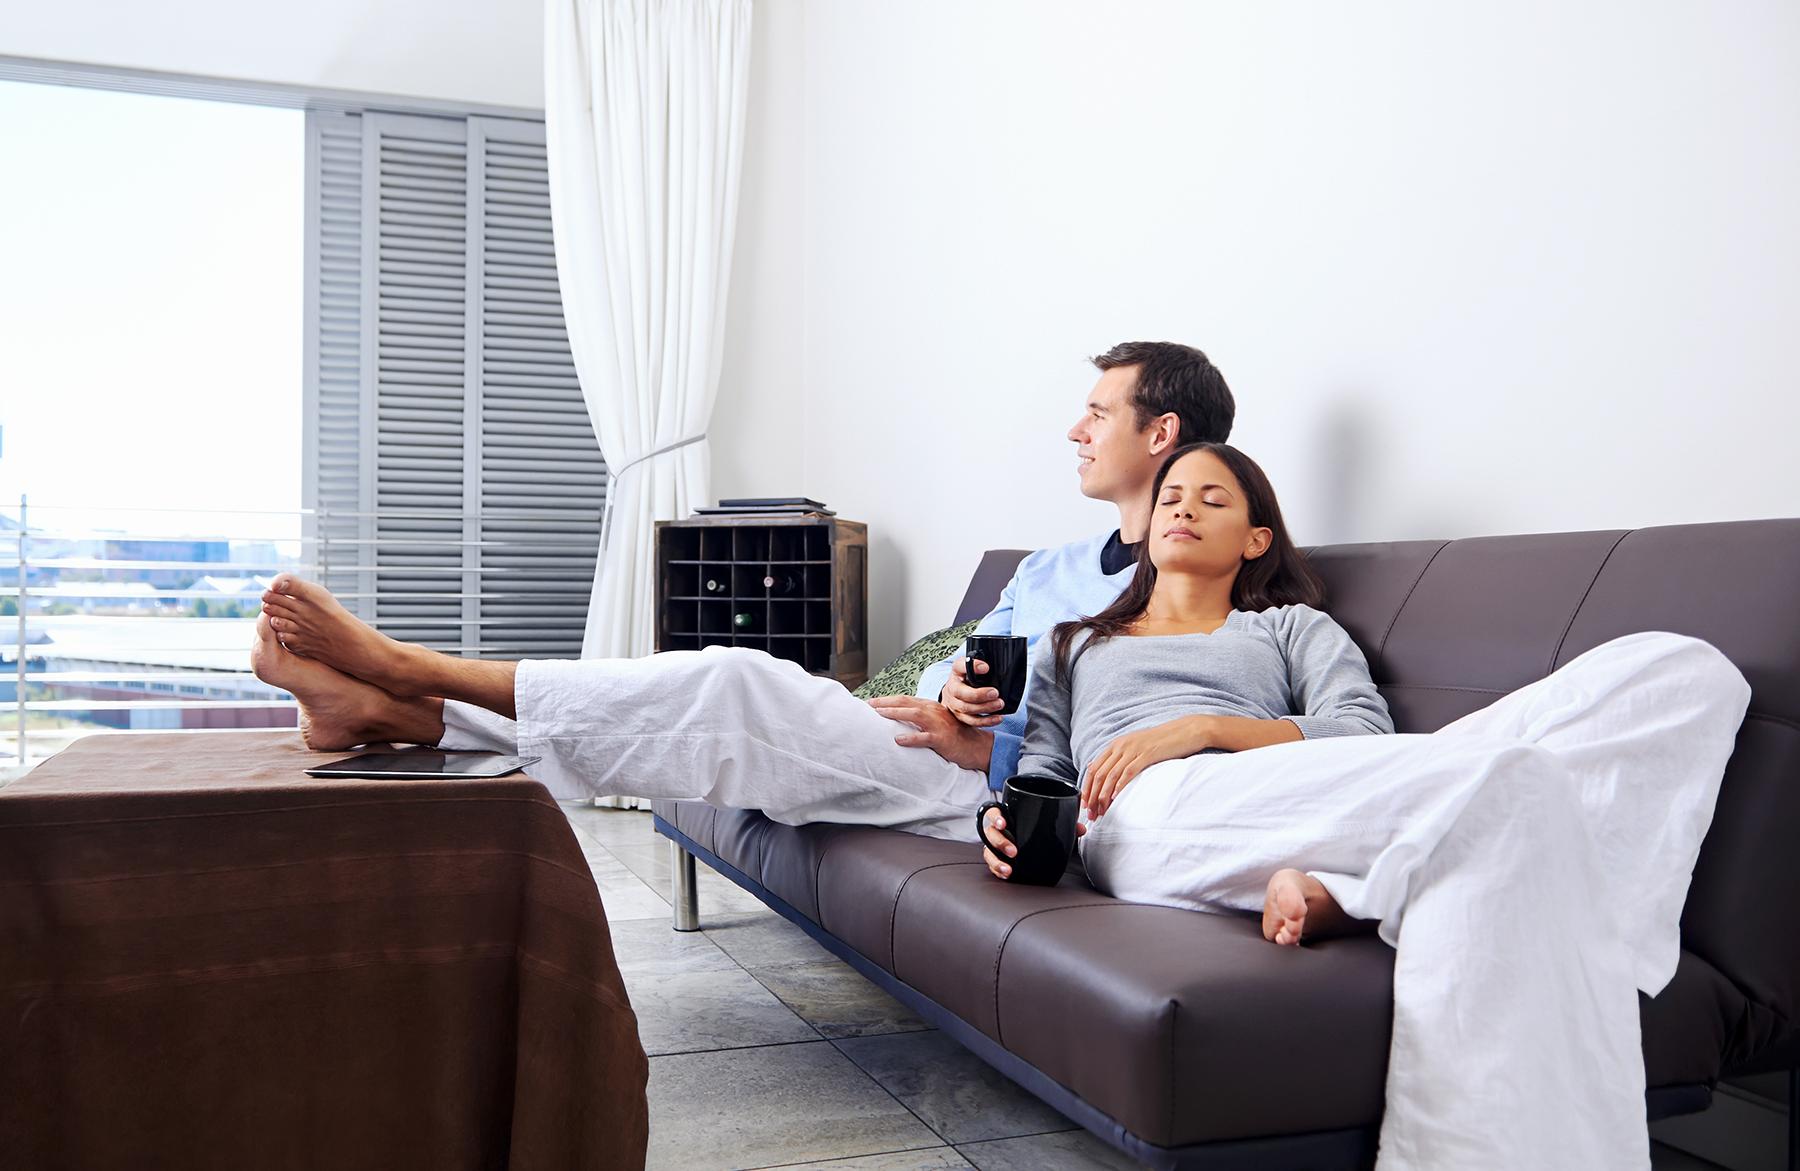 comment-eviter-la-routine-dans-une-relation-amoureuse